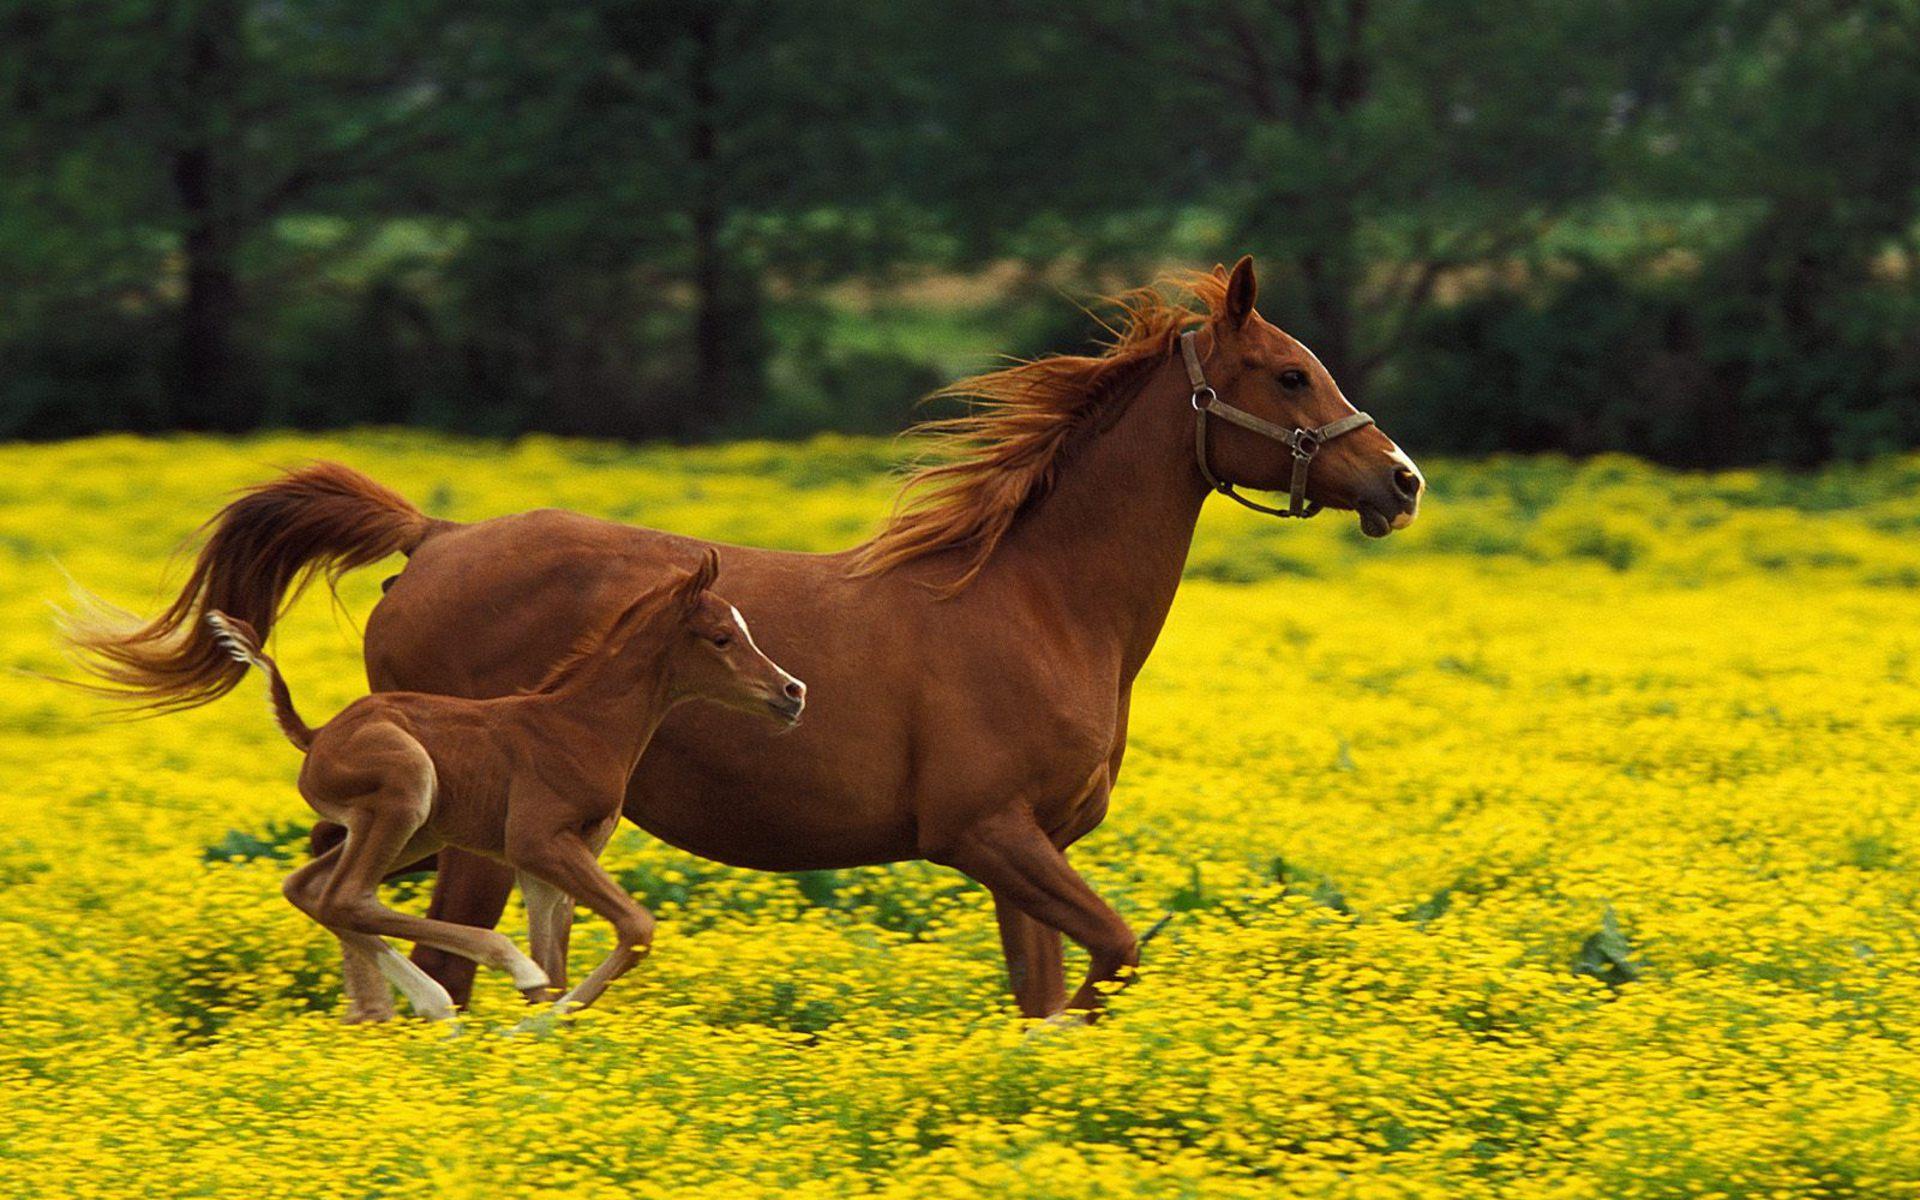 Злой конь, рисунок, клипарт, фото